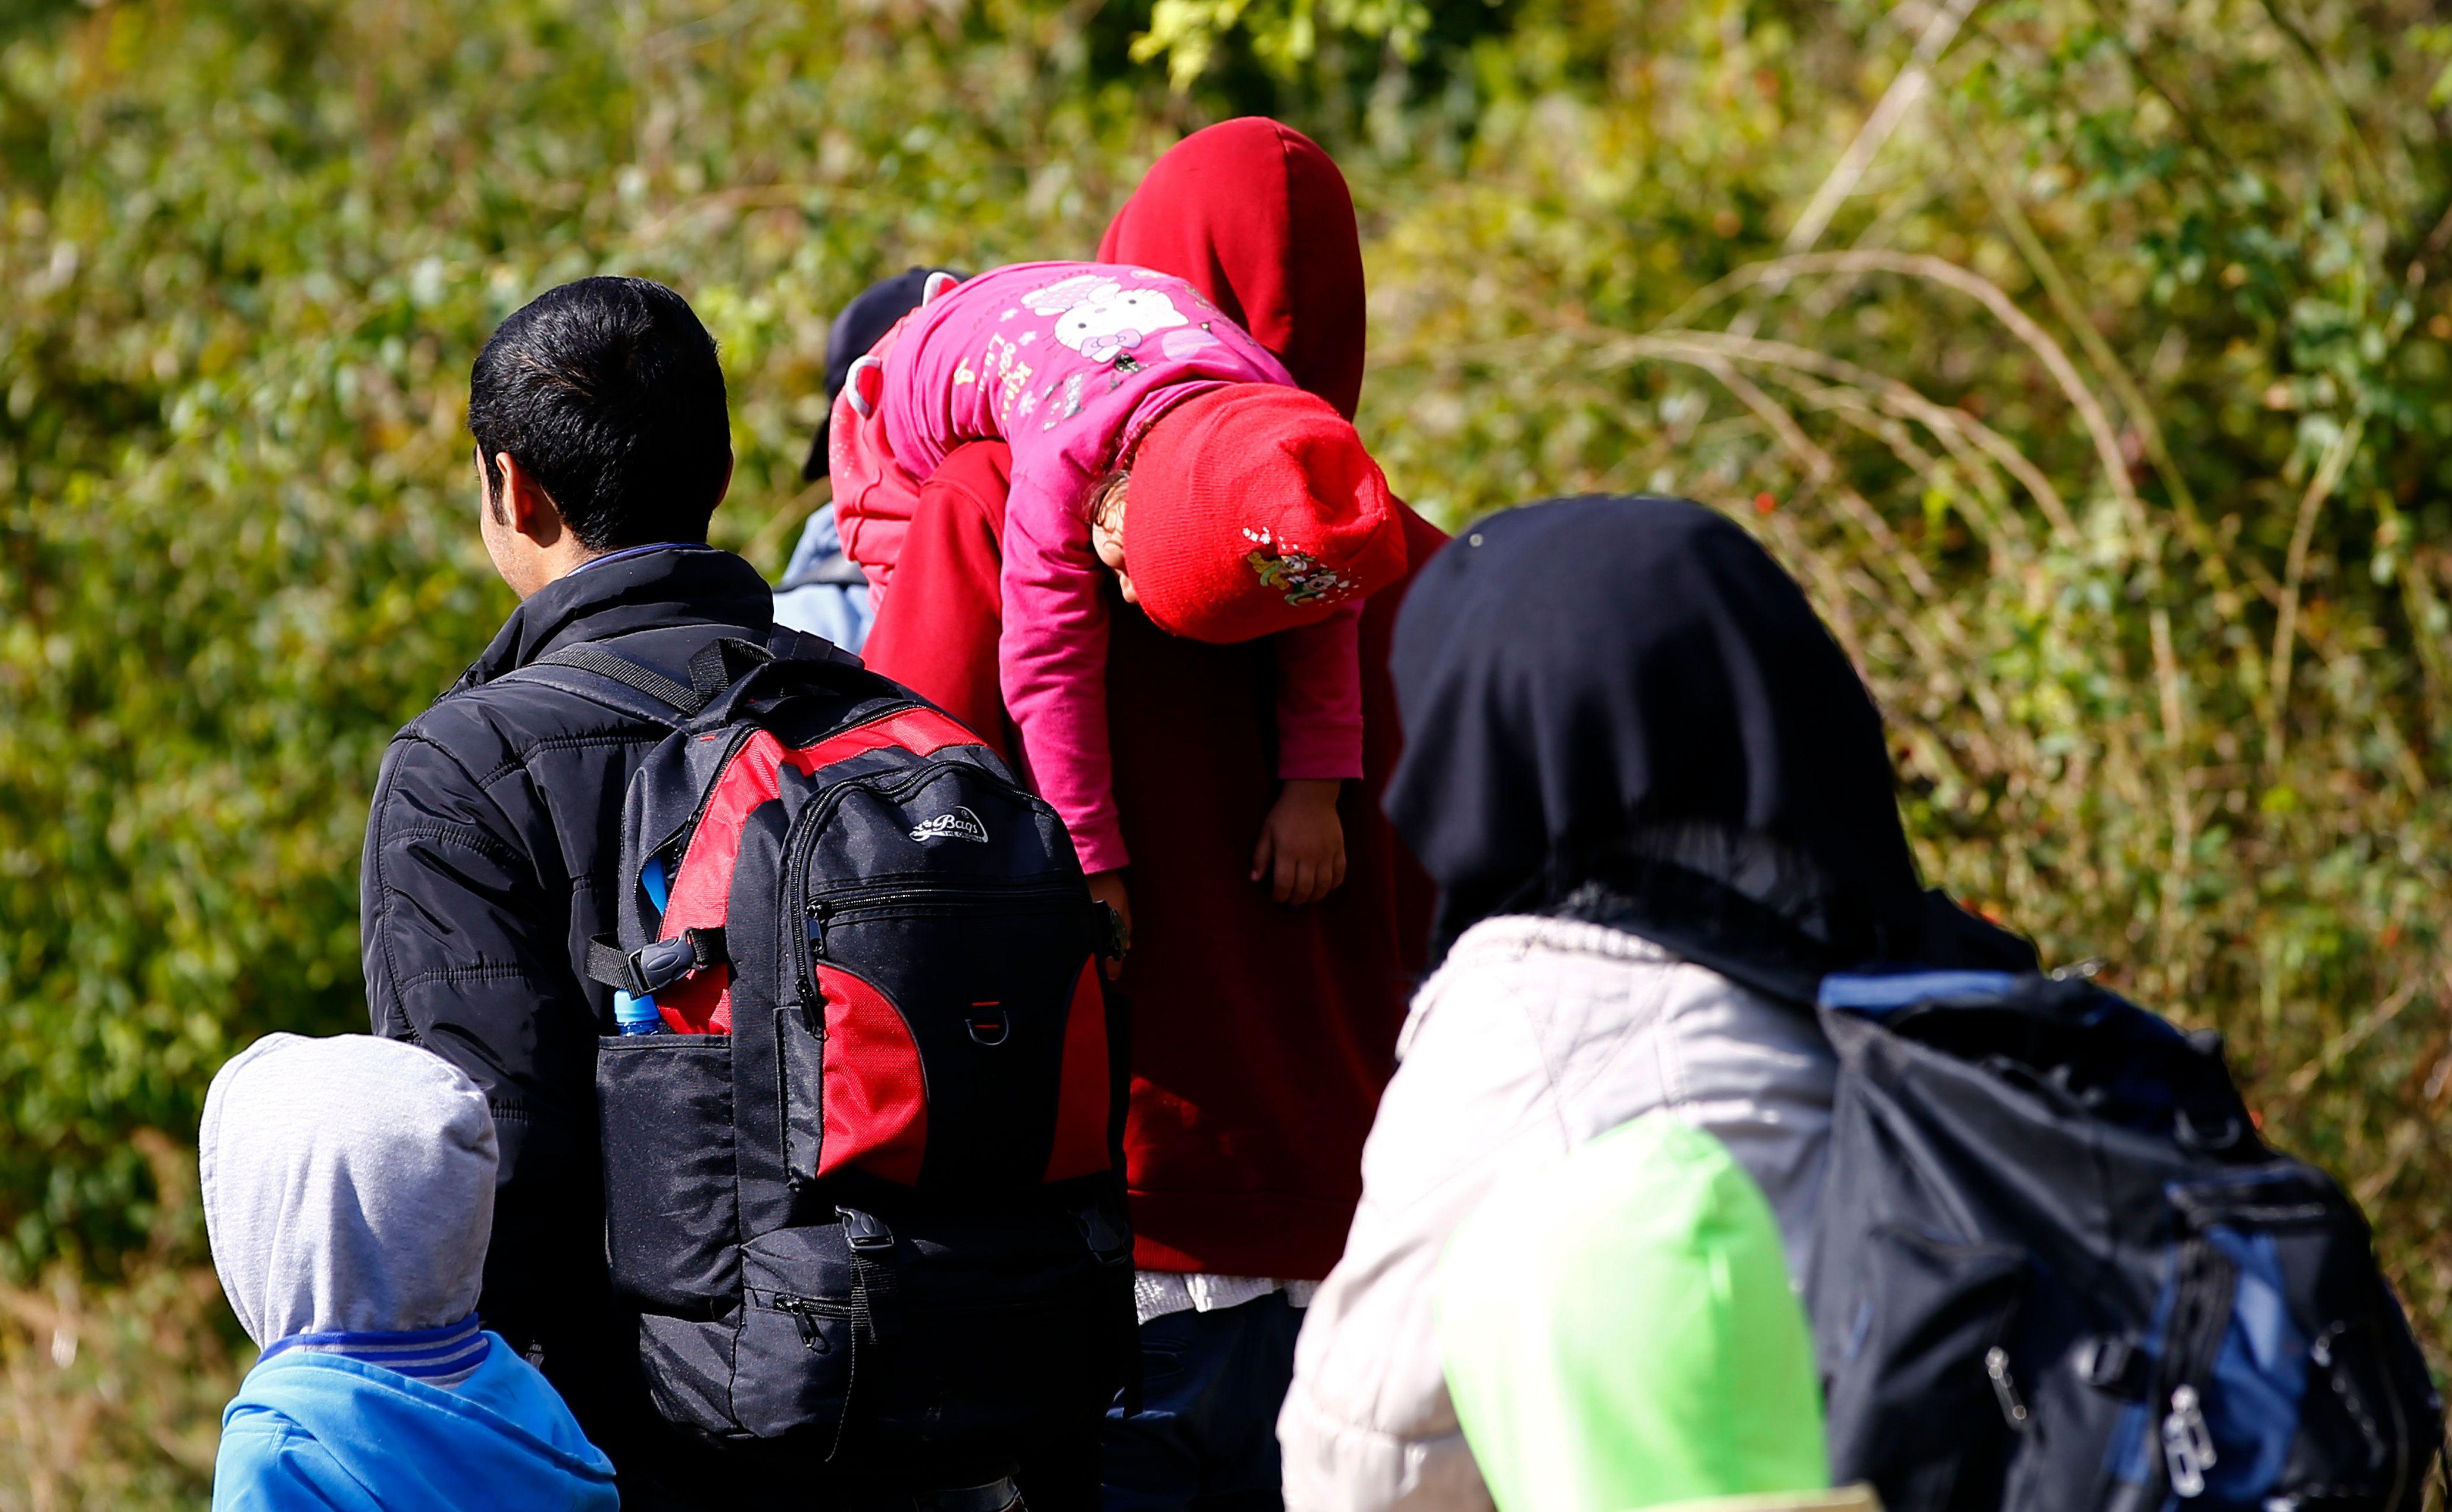 La bienveillance de la Suède et surtout du Danemark à l'égard des migrants semble en baisse.